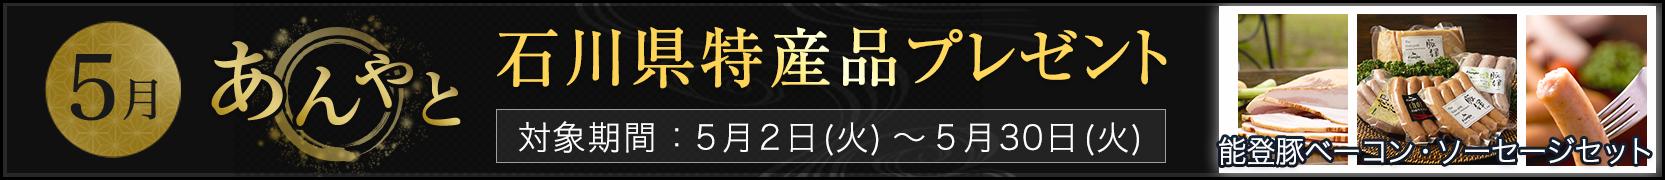 石川県特産品プレゼントキャンペーン 5月